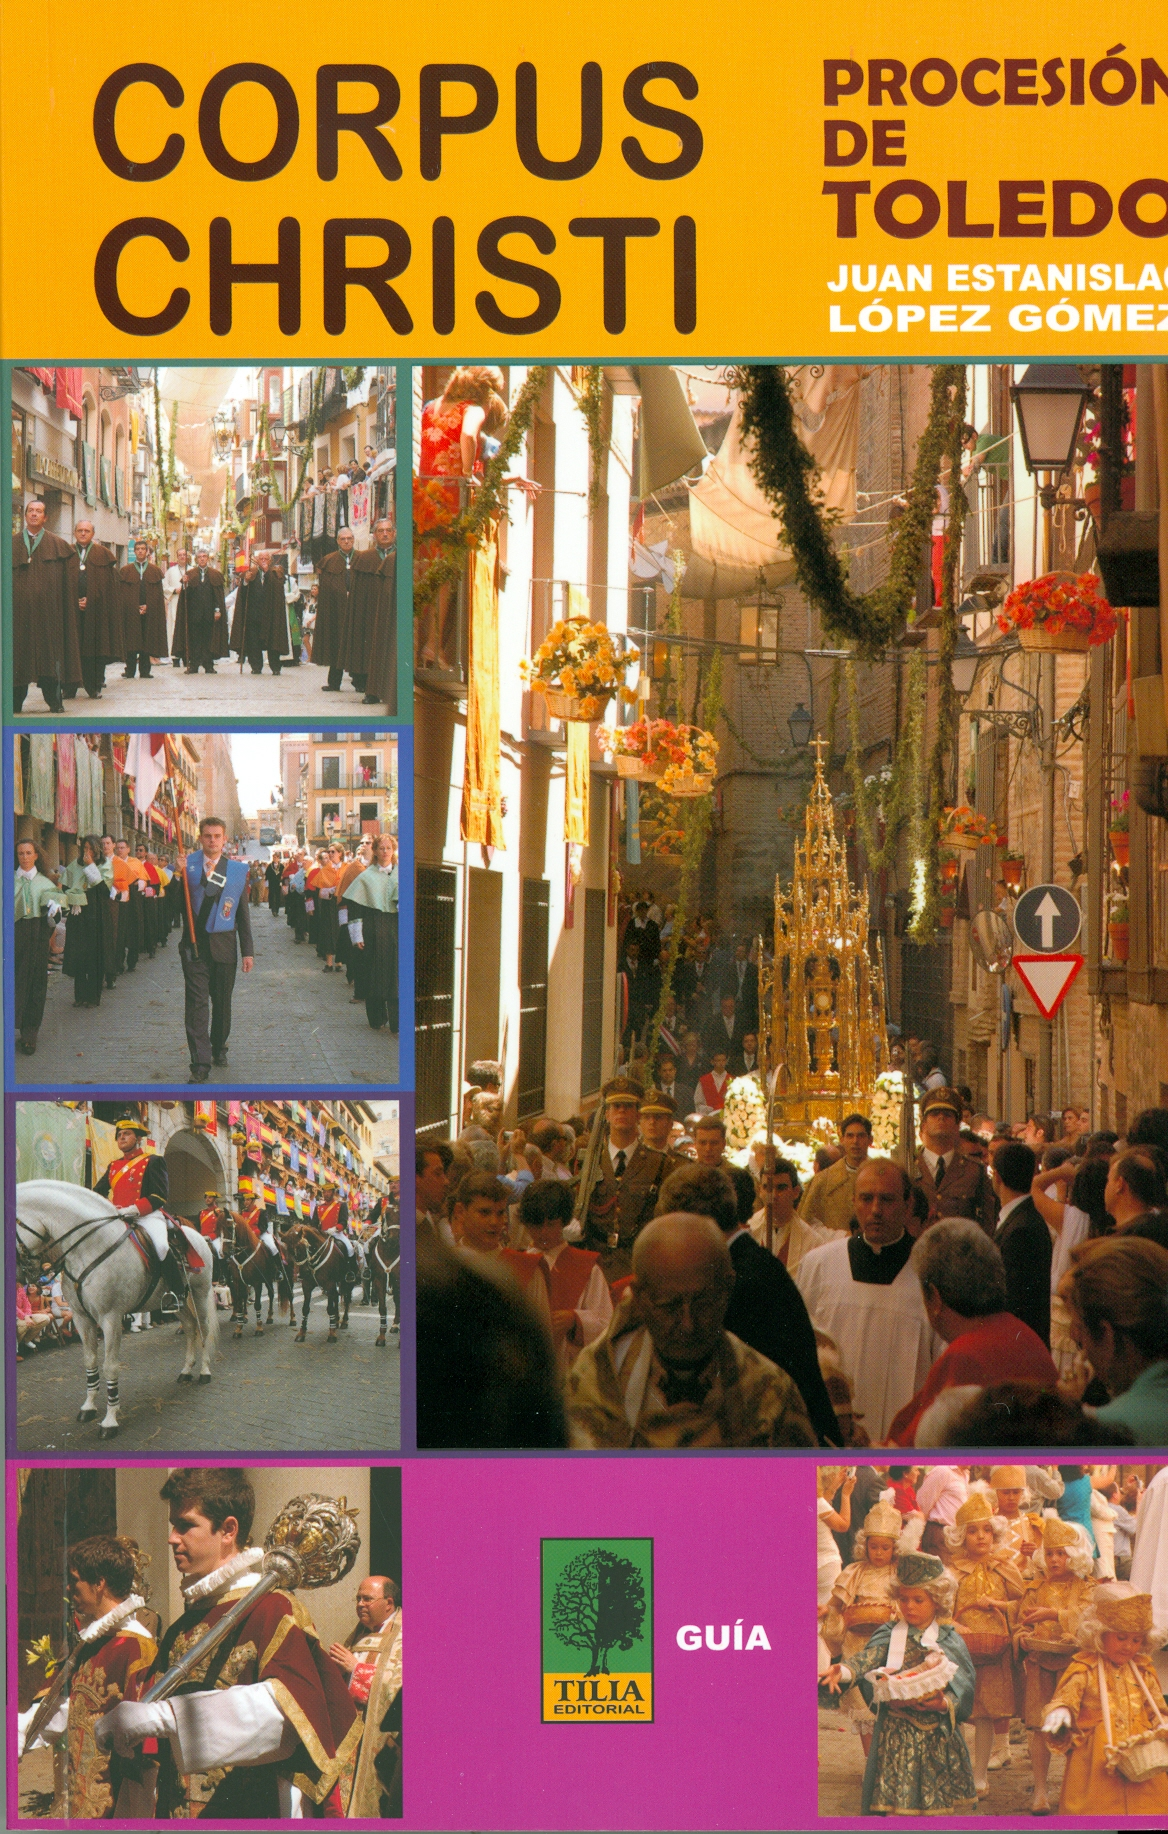 Corpus Christi precesión de Toledo